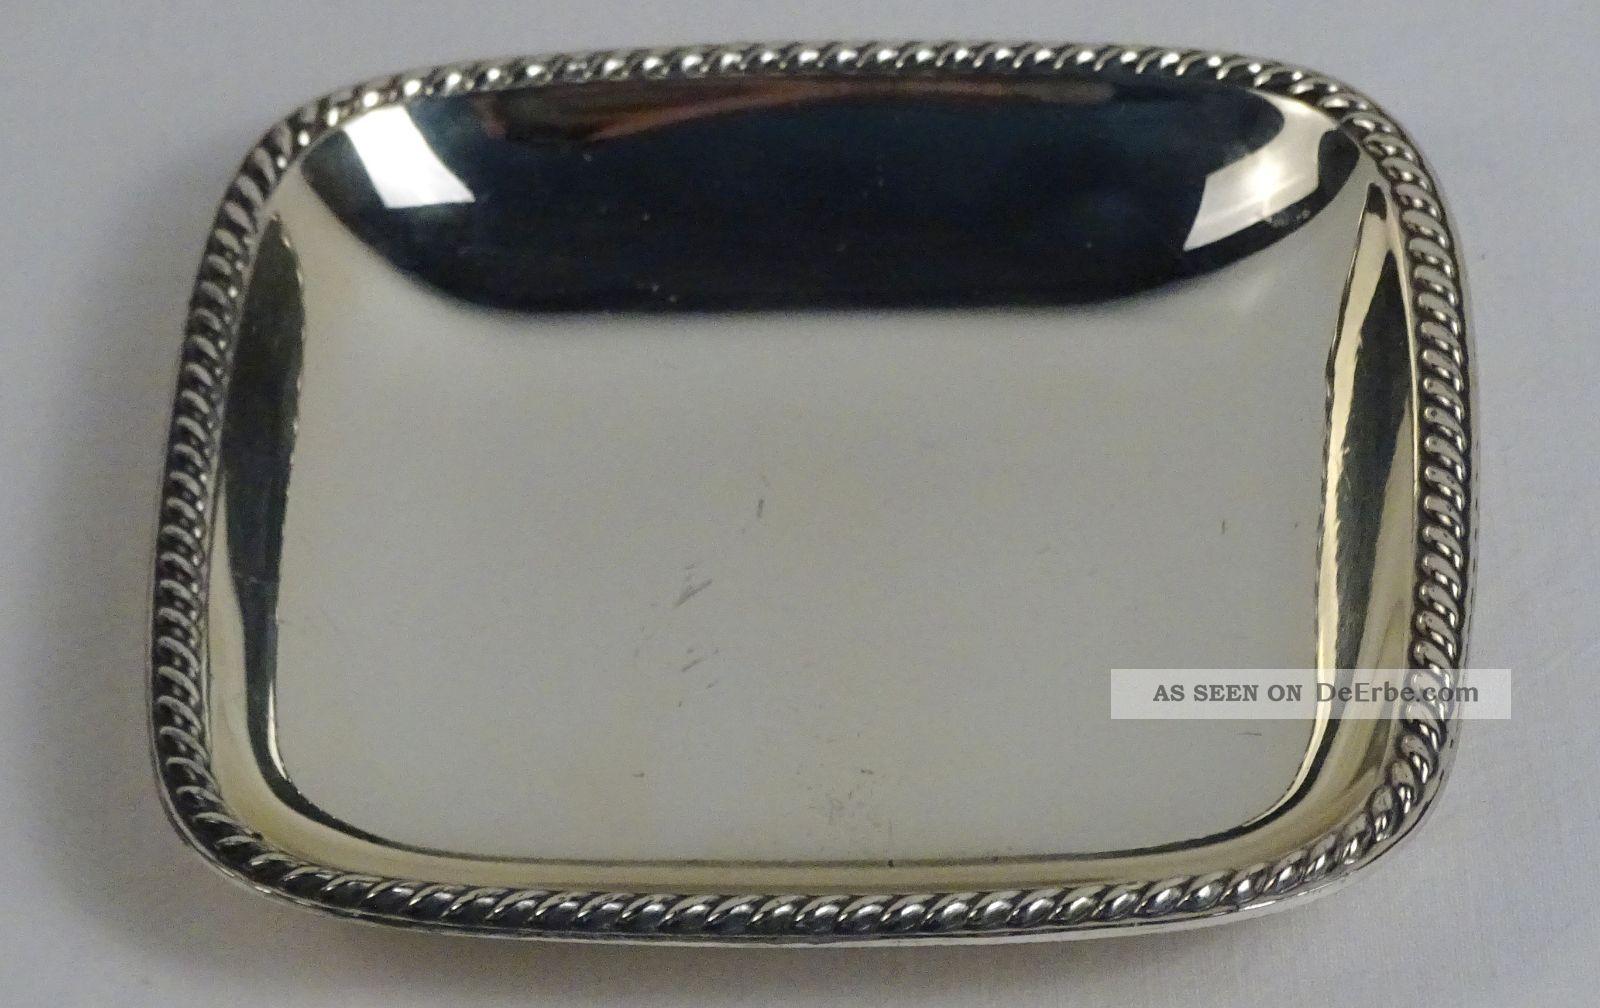 R&b Vorlegebesteck 800er Silber Robbe & Berking Rosenmuster 6 Tlg. Objekte nach 1945 Bild